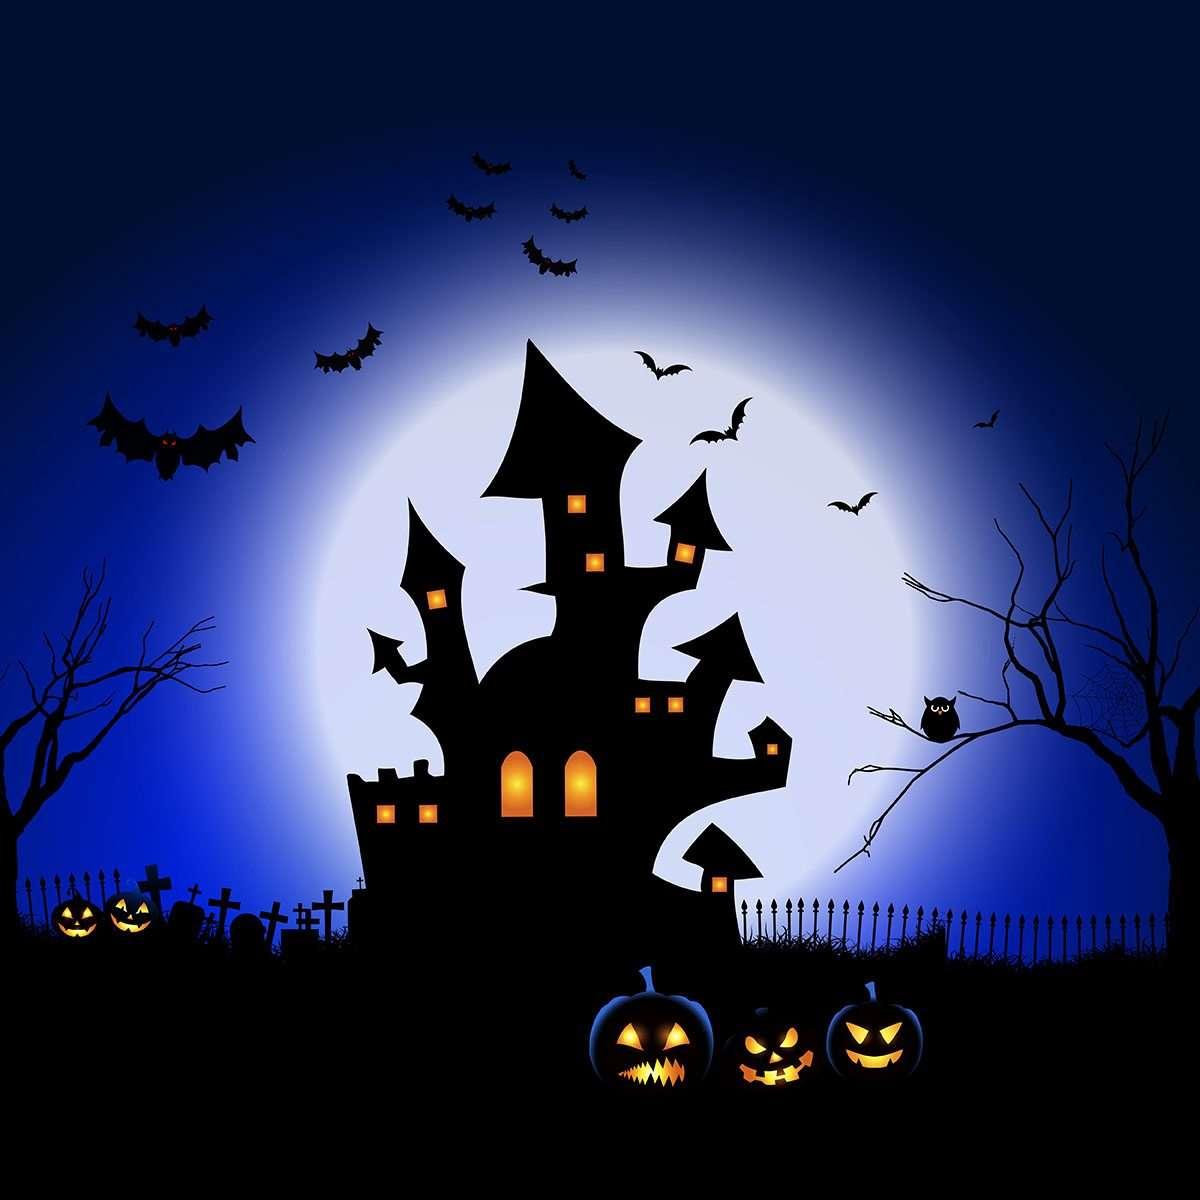 Halloween spooky landscape